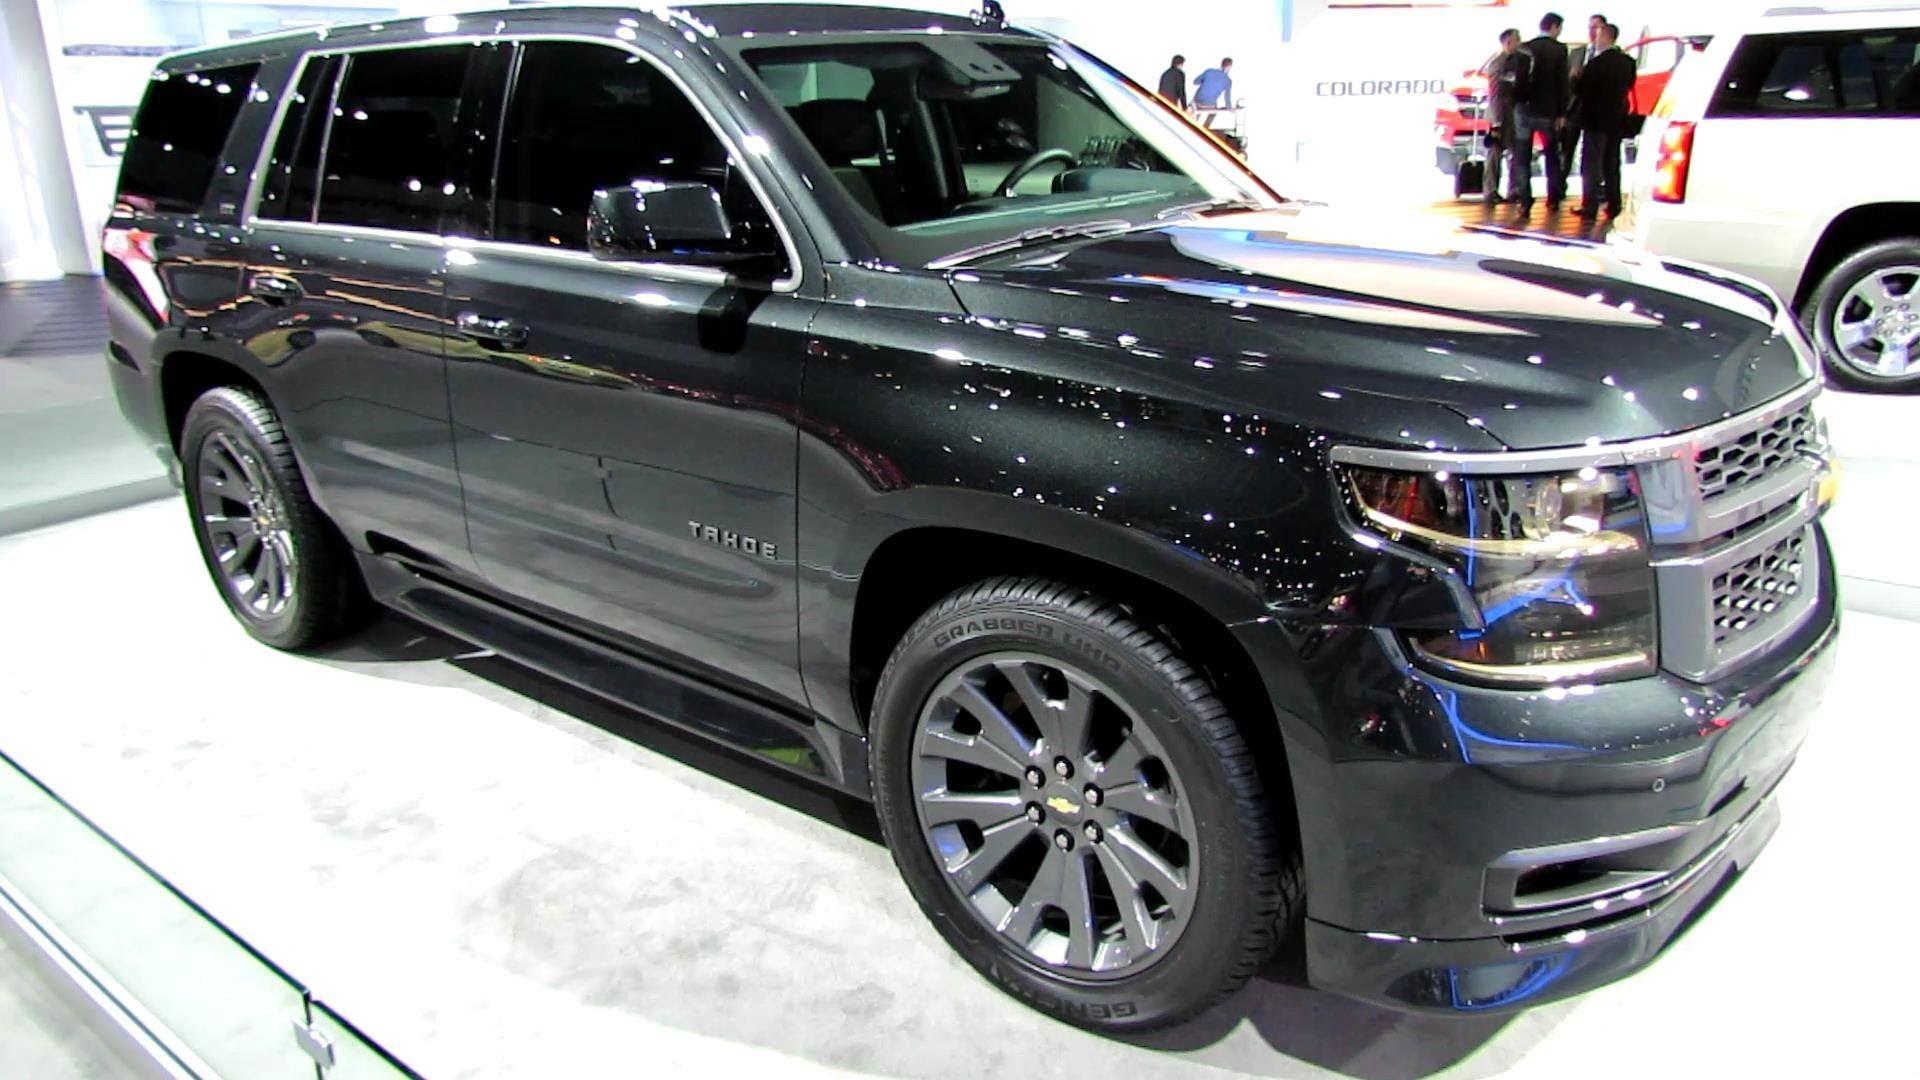 2015 Chevrolet Tahoe LTZ Black Edition Exterior Walkaround 2013